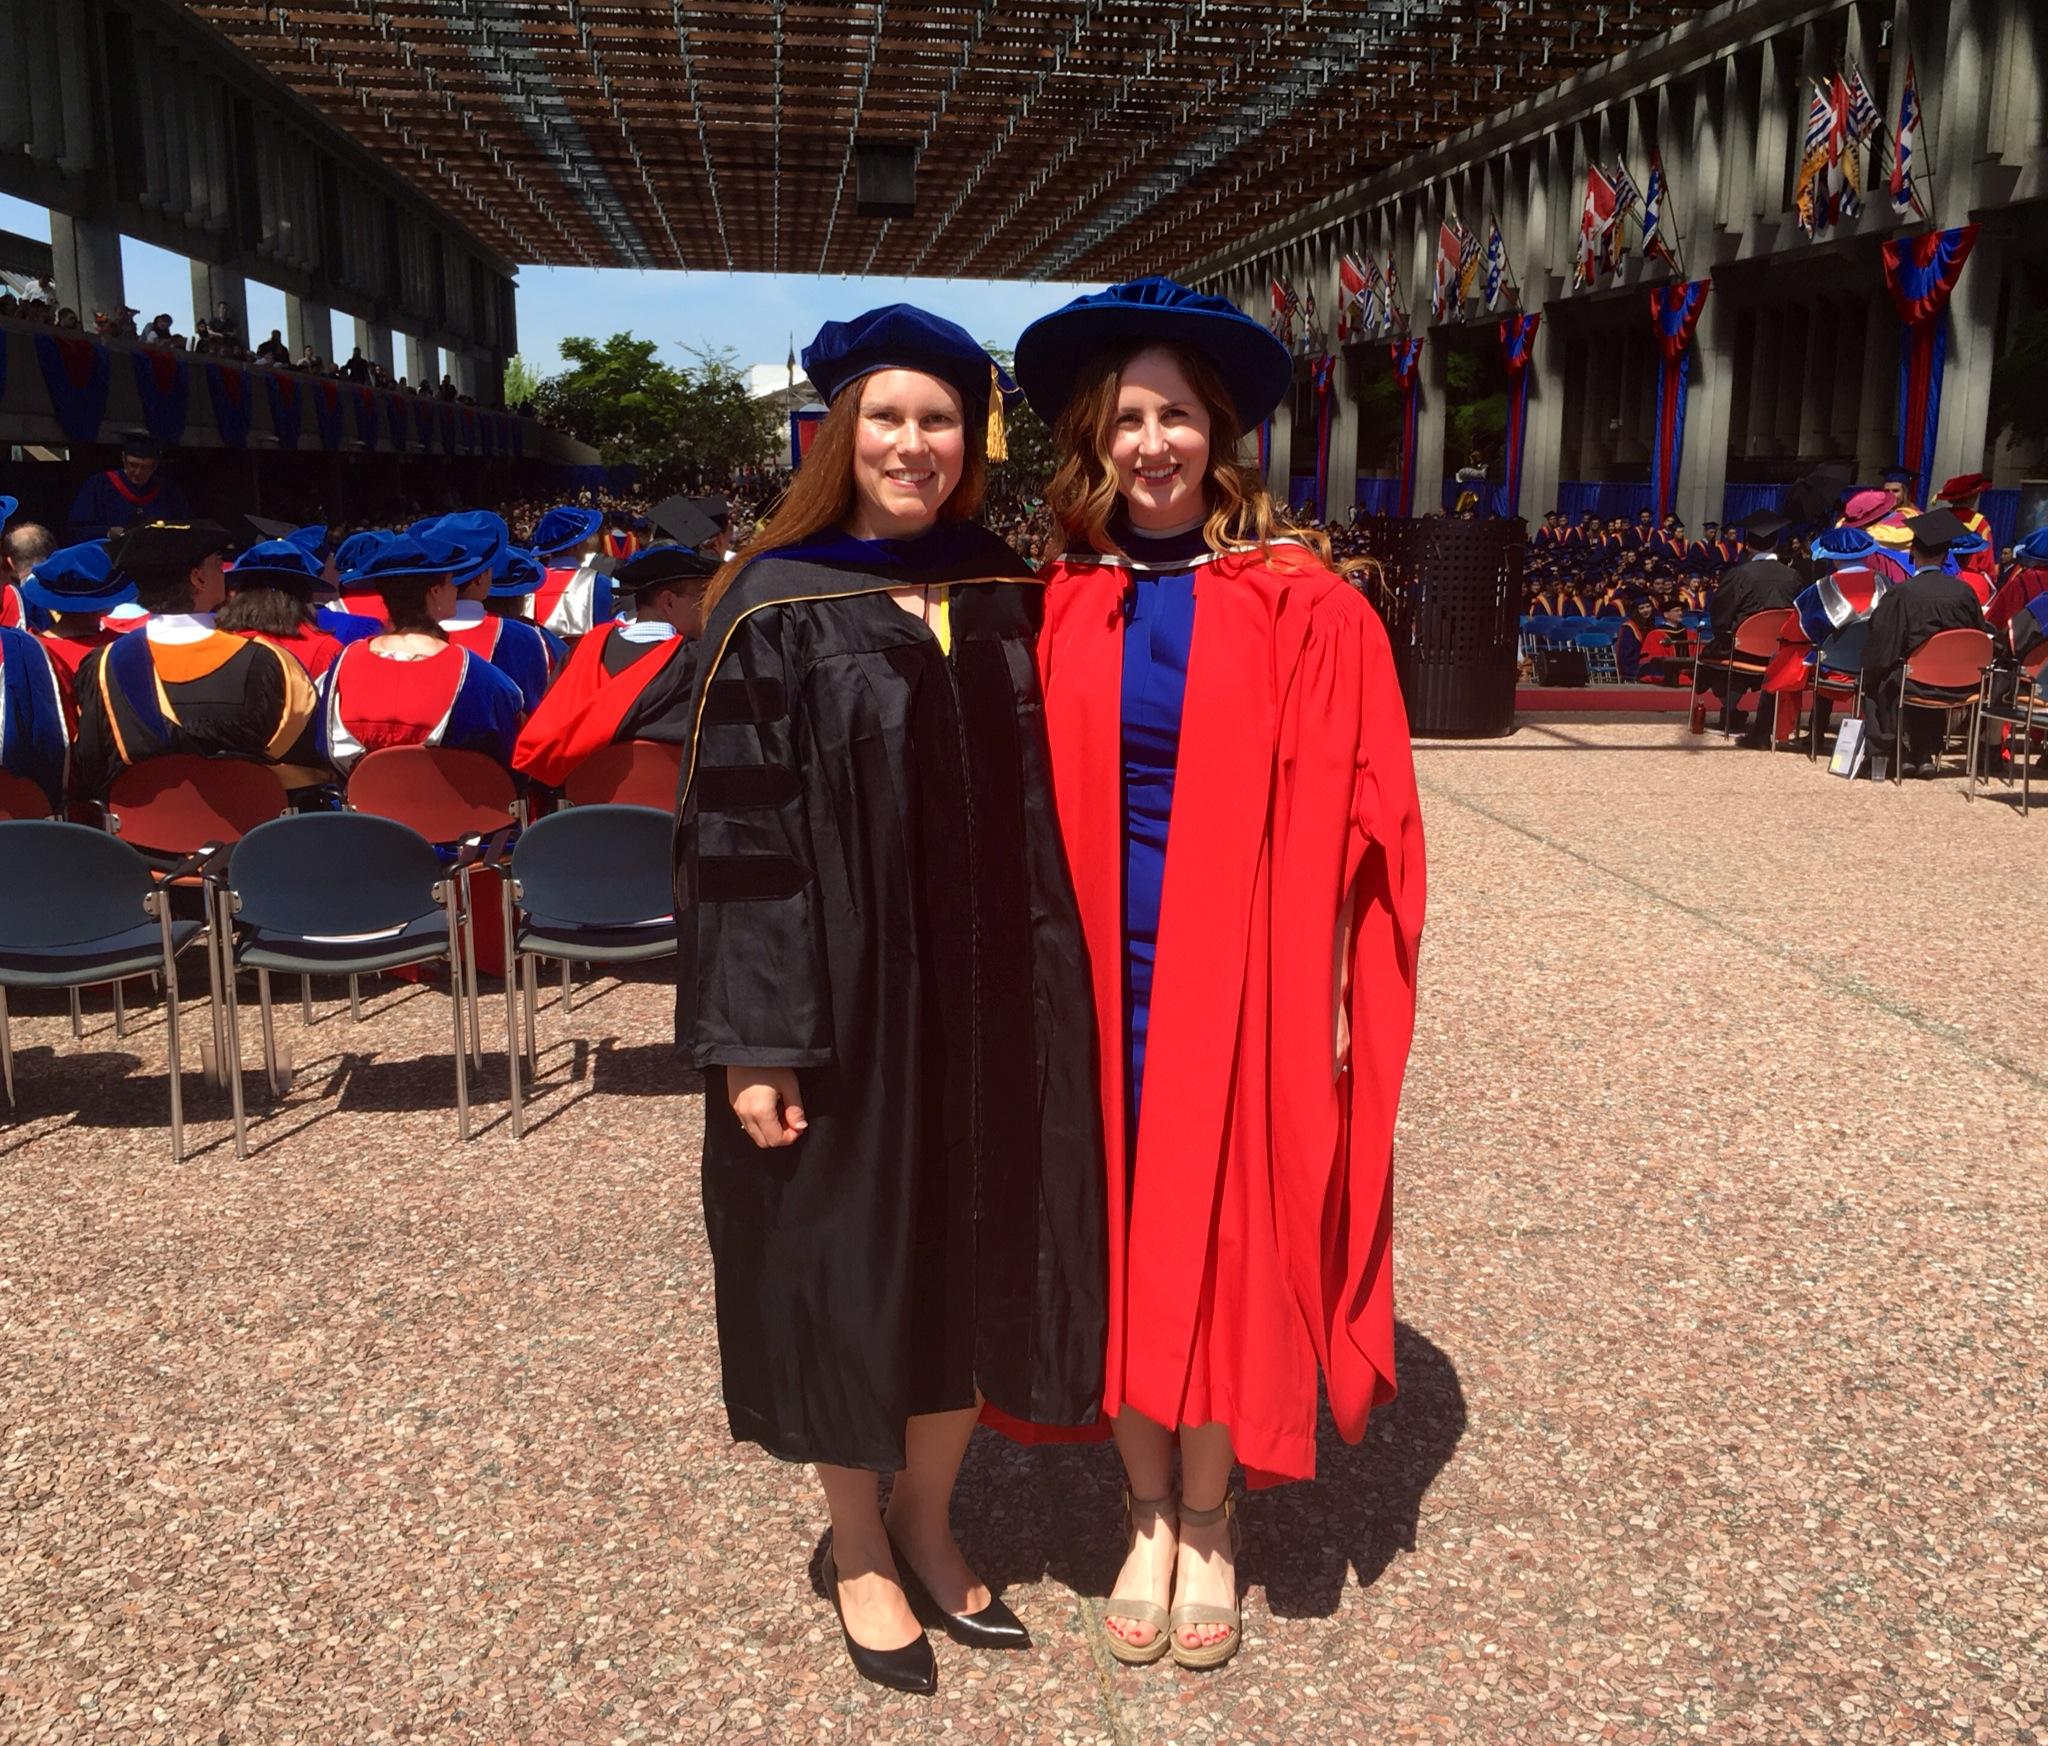 Dawn and Chantelle in their PhD regalia, June 2017